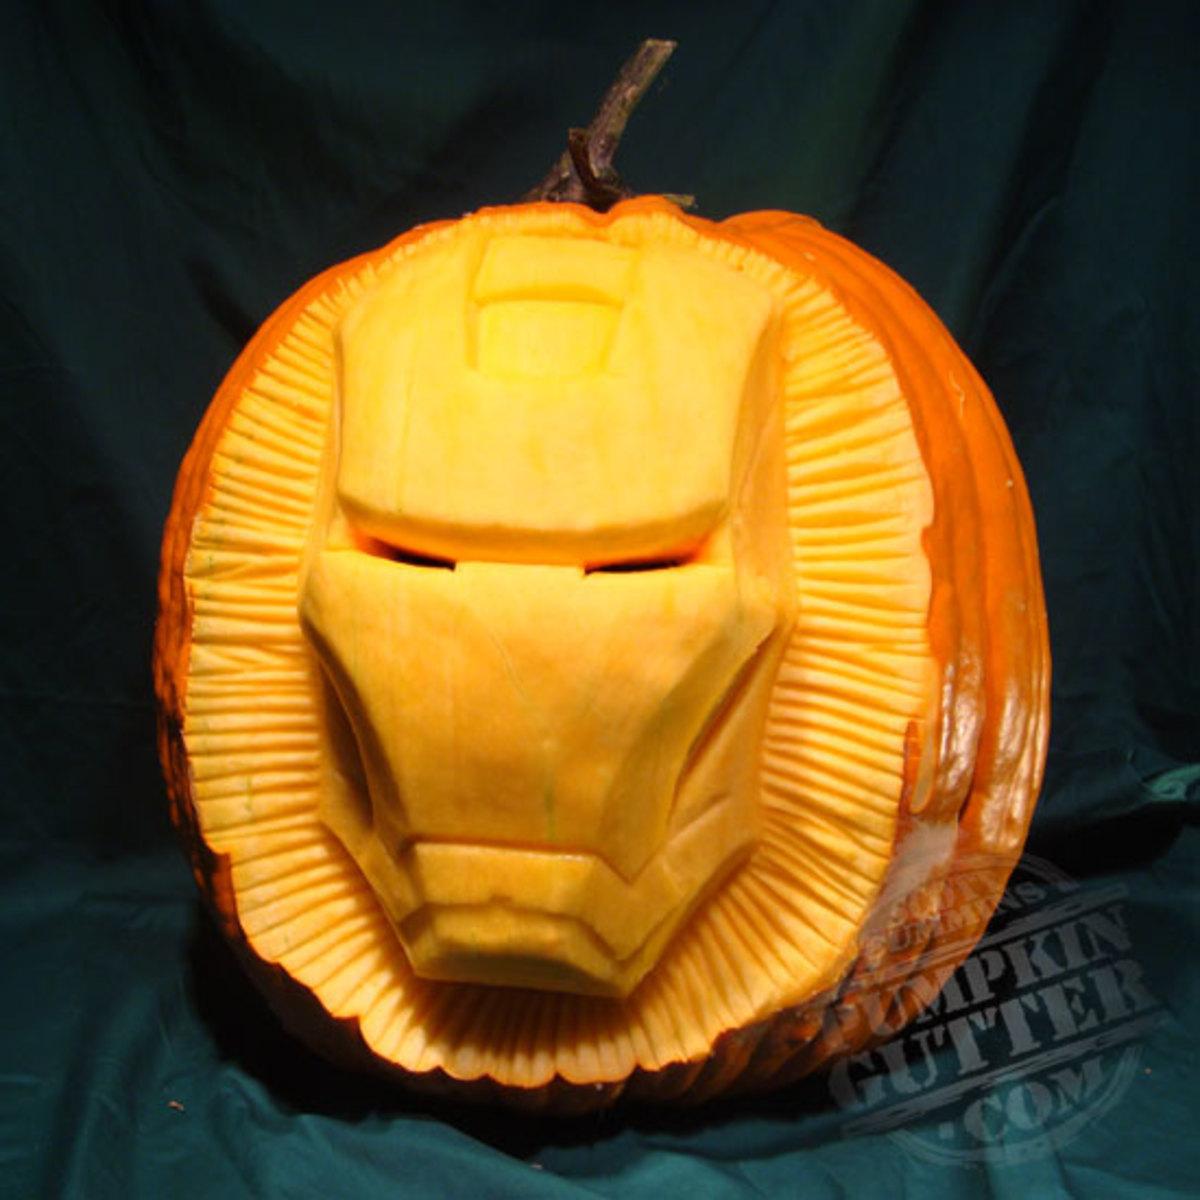 Iron Man pumpkin